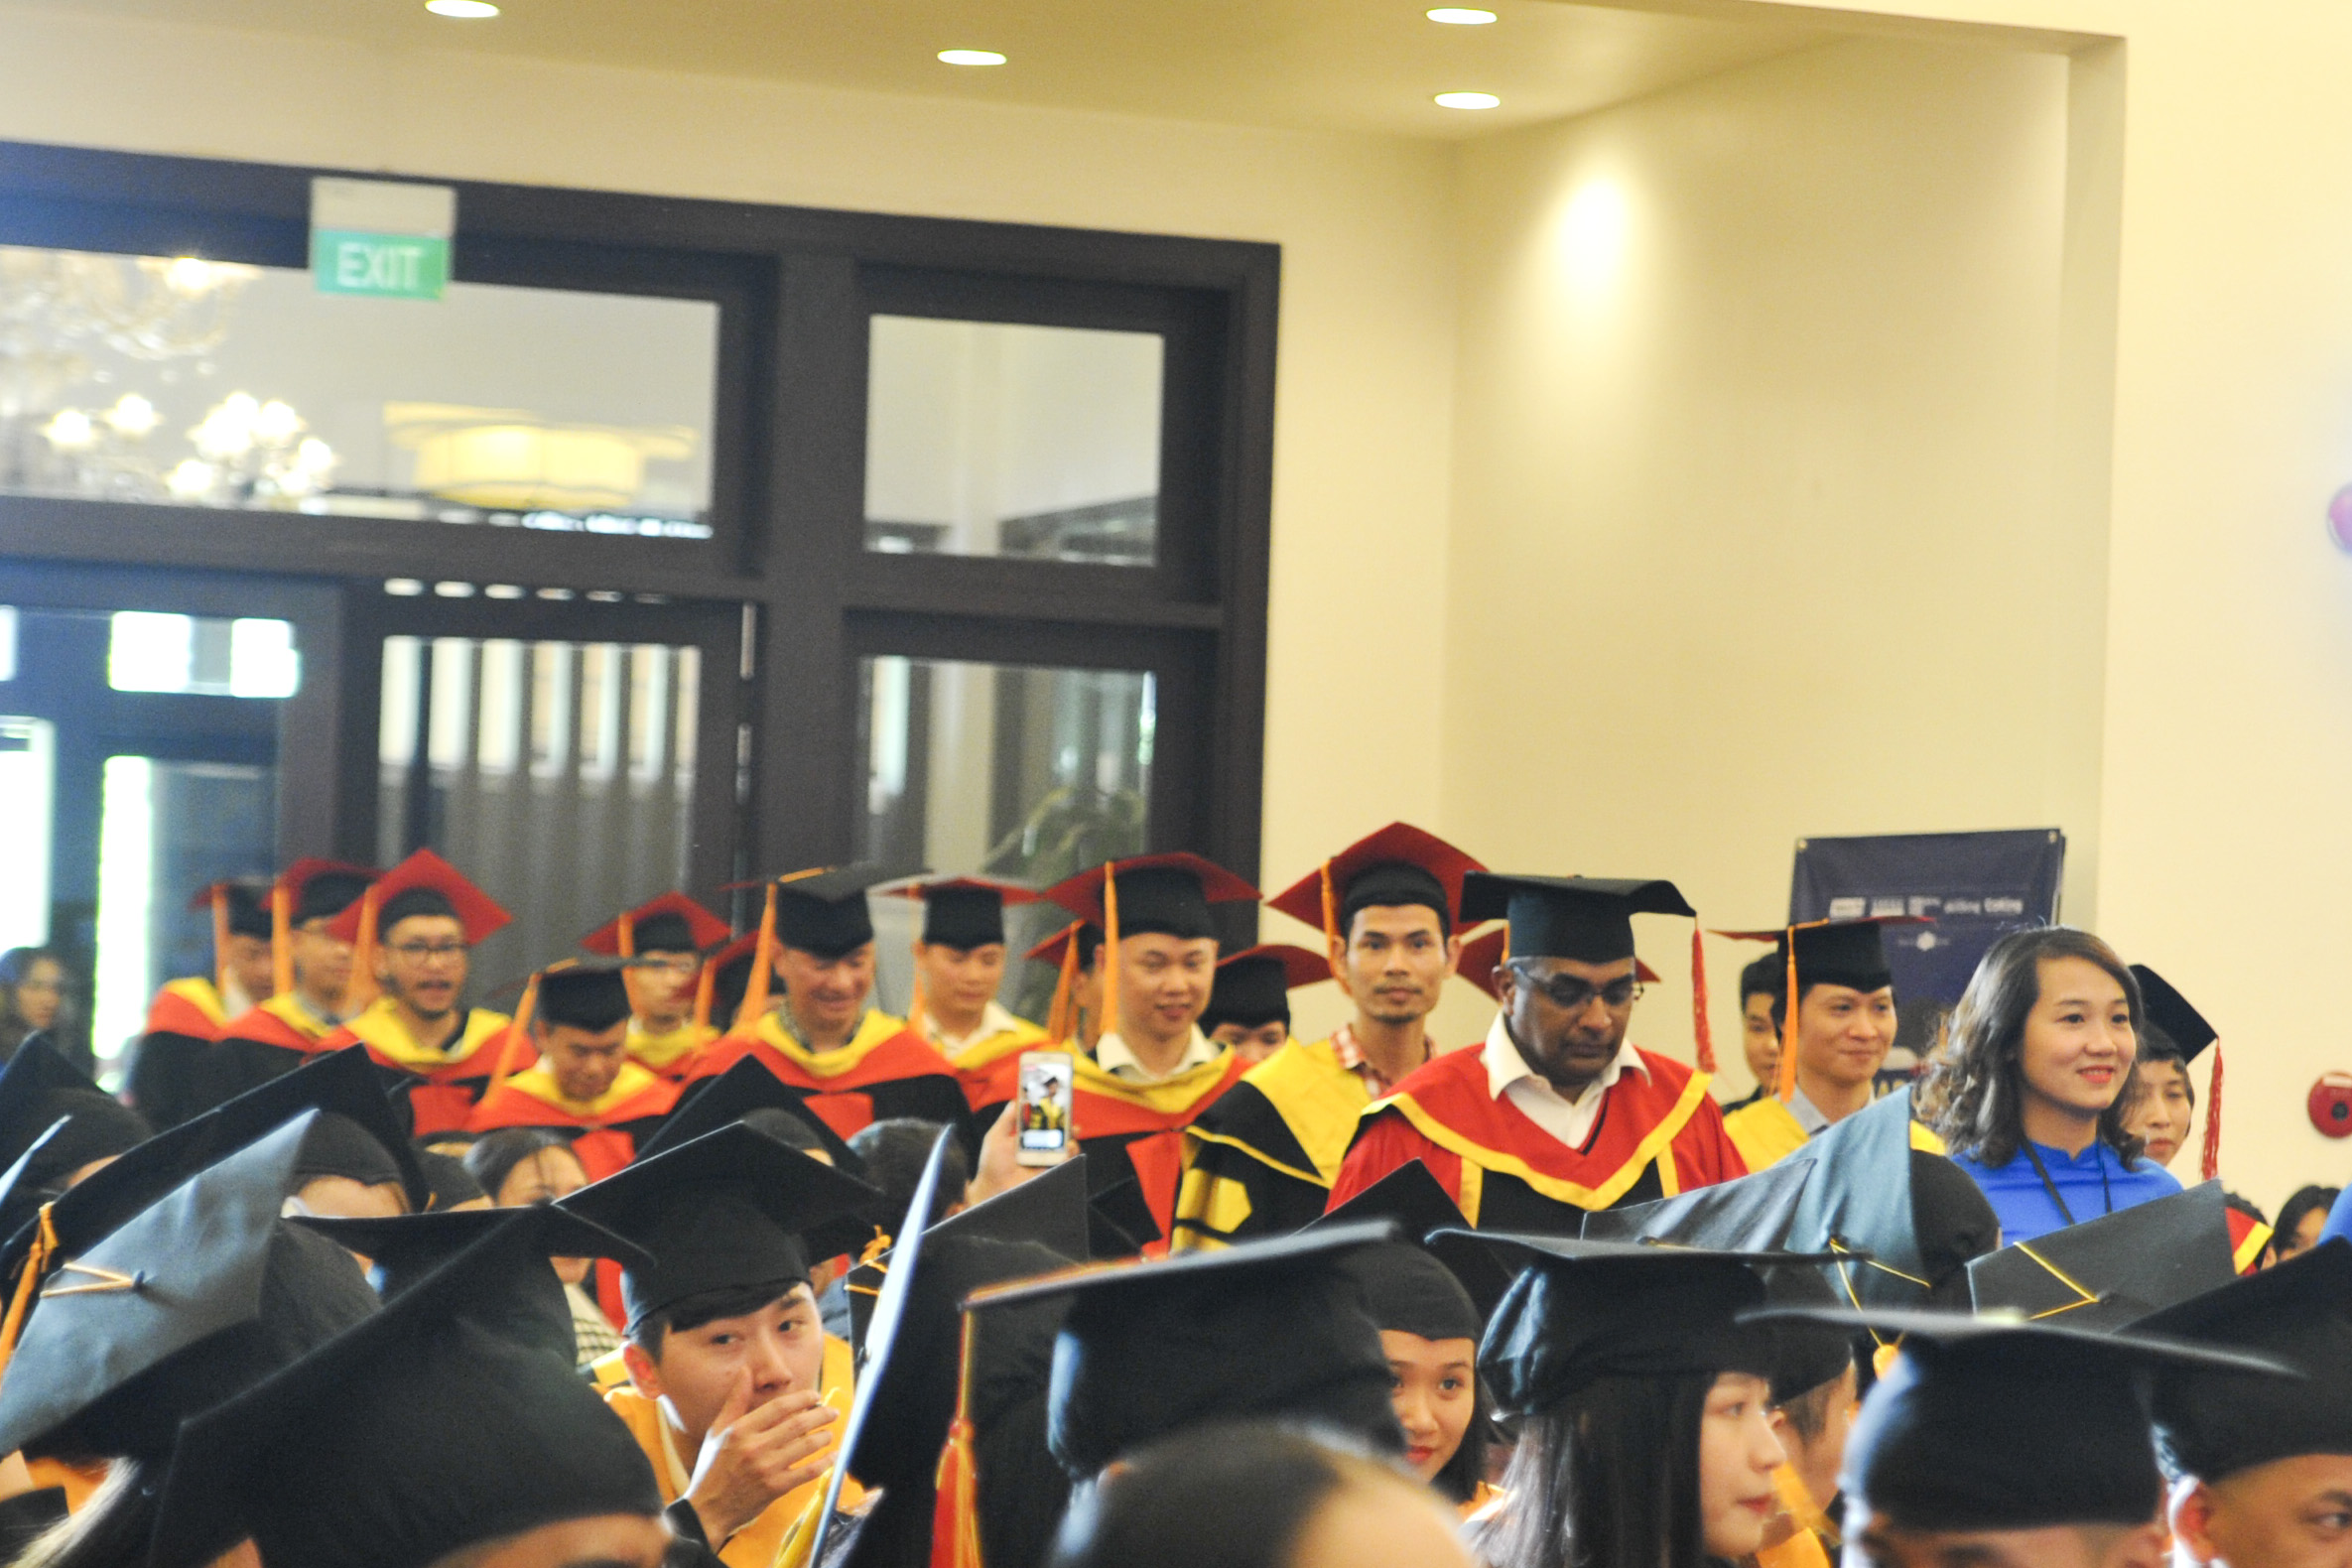 Các giảng viên tiến vào sân khấu để chuẩn bị cho buổi lễ.